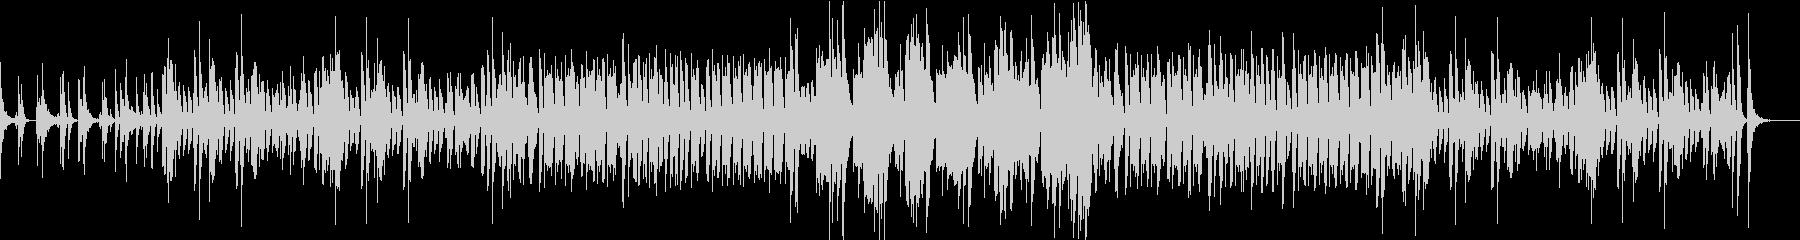 コミカルで幻想的な和風BGMの未再生の波形